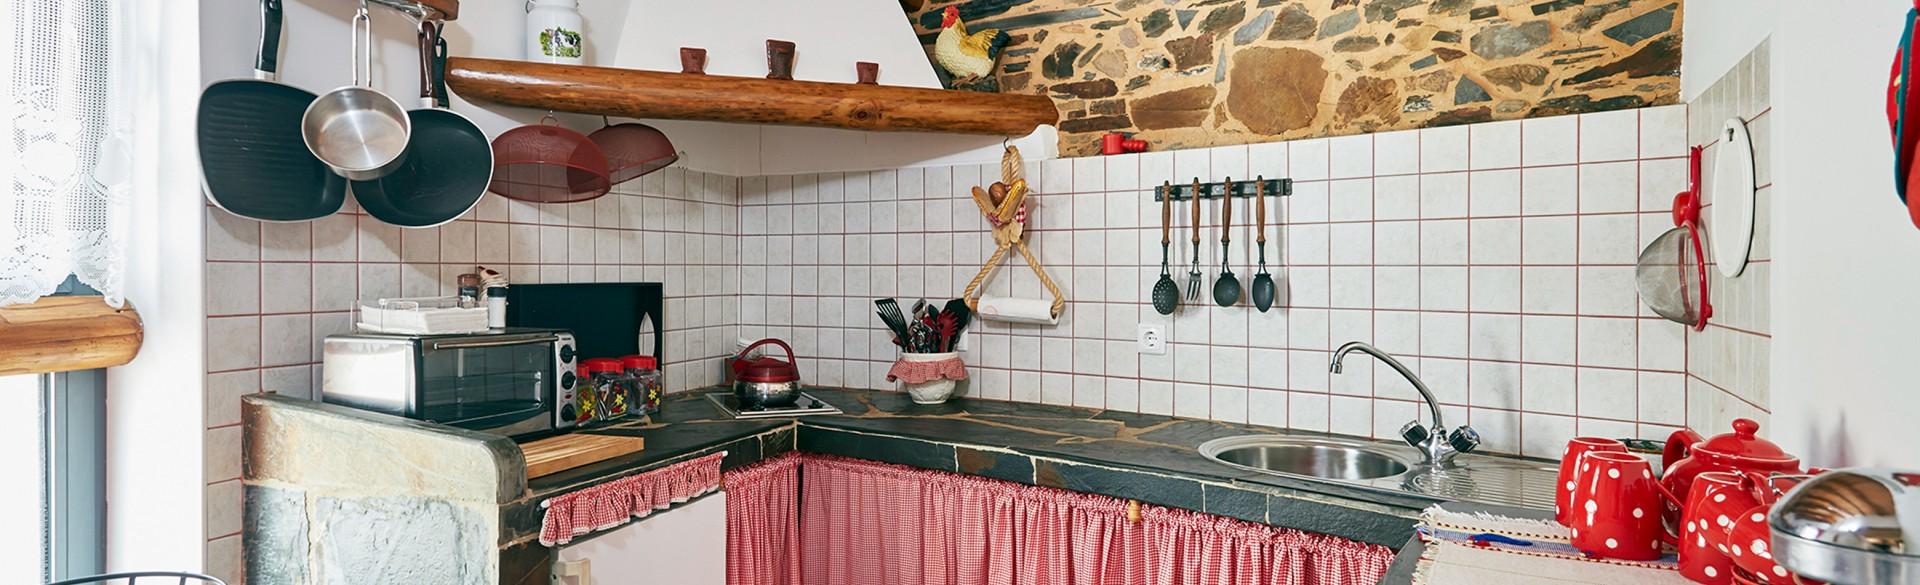 Casa do Pátio - Cozinha